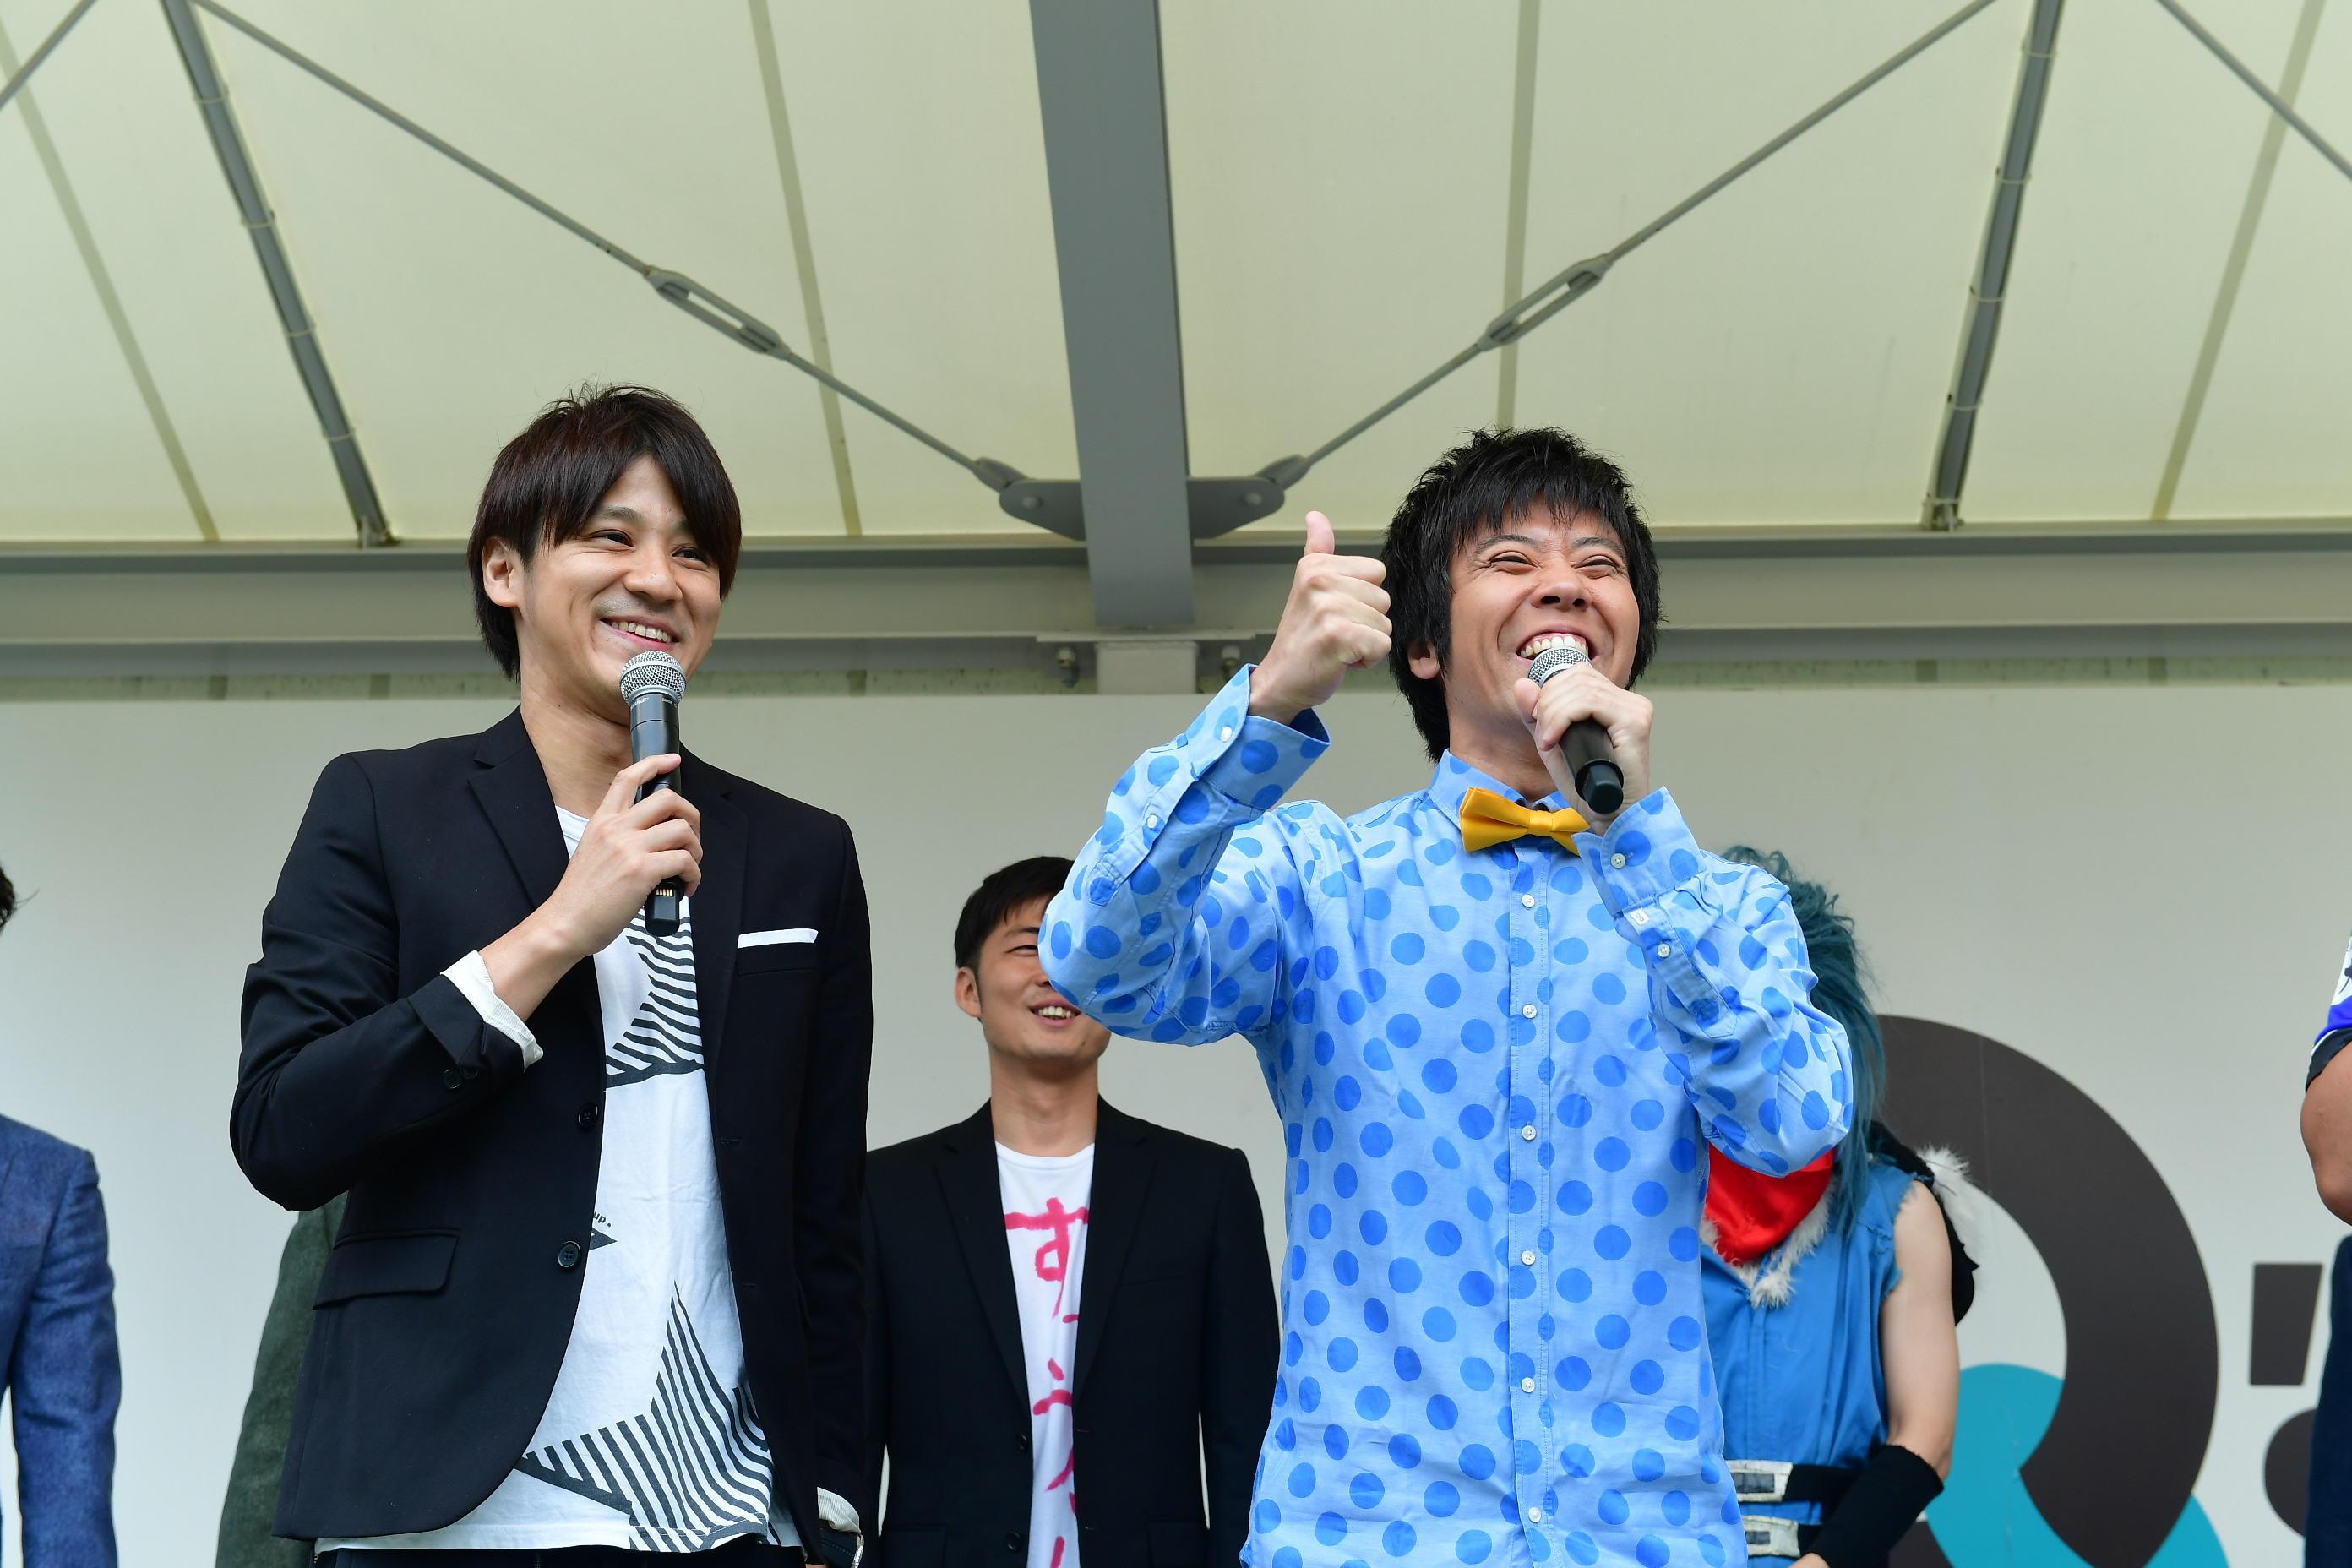 http://news.yoshimoto.co.jp/20180611143604-2677501fc99e089ab0683ca9f0b64de958e0a88f.jpg